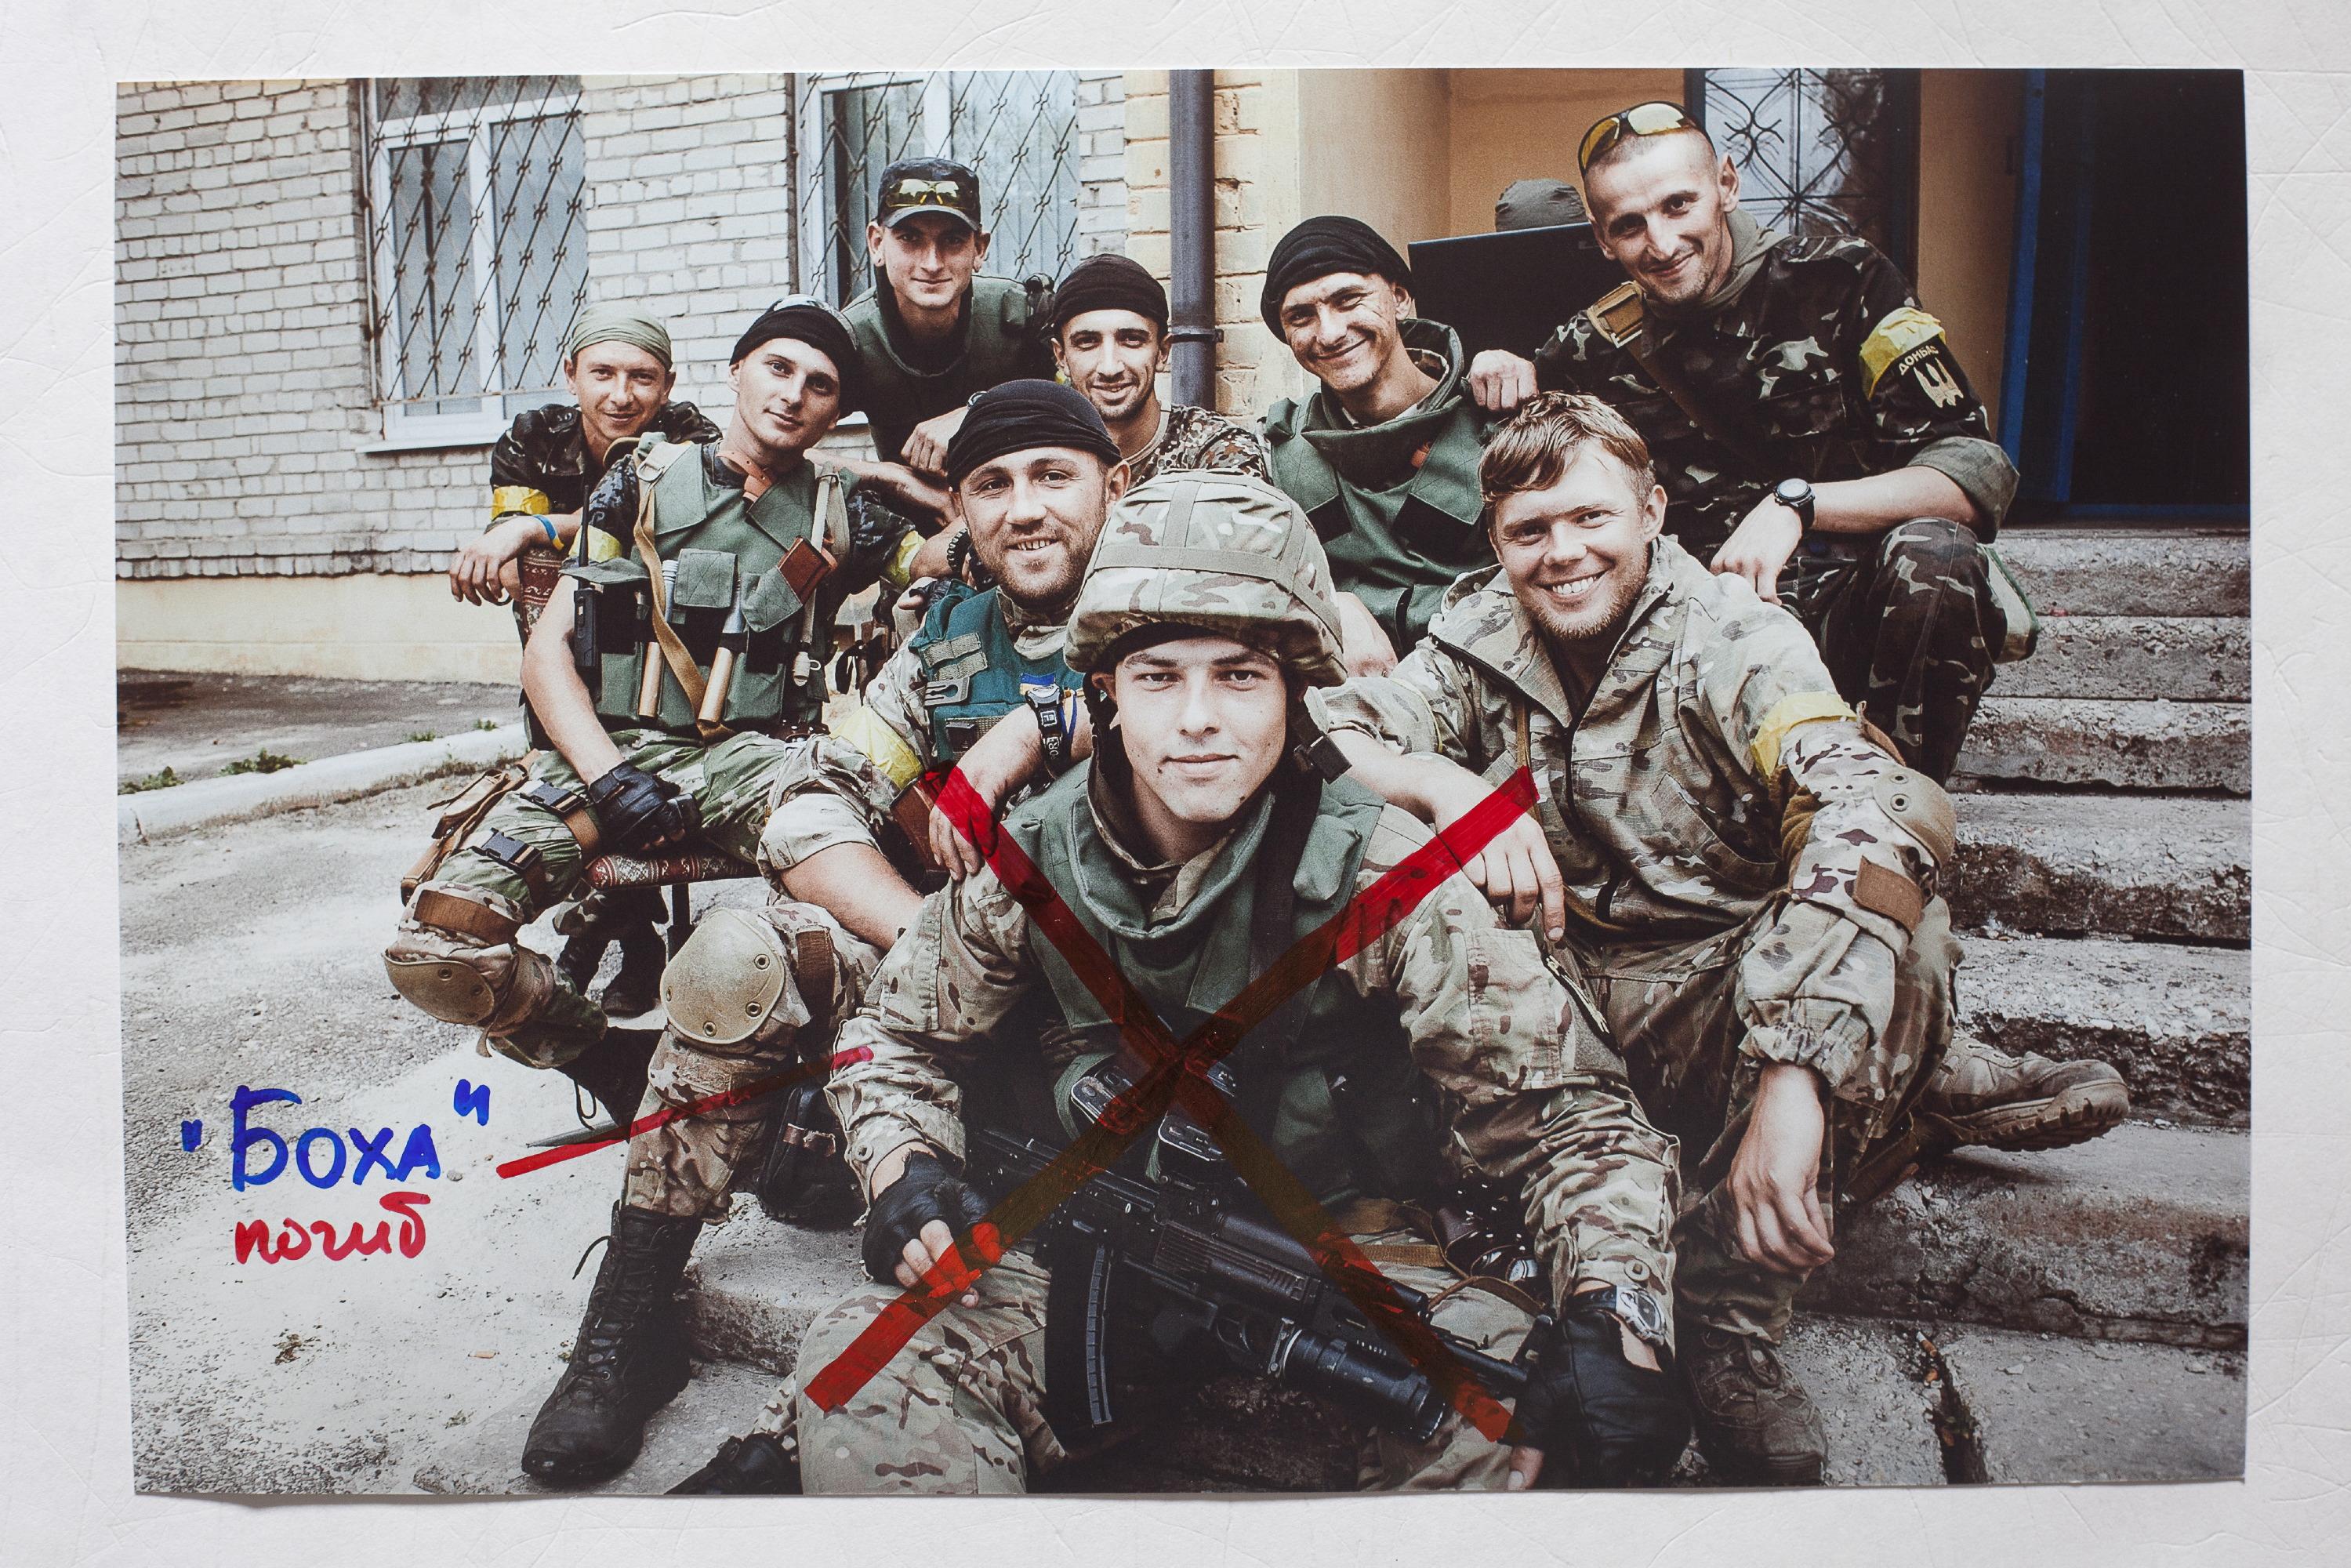 Le soldat Boha a été tué. La photo originale a été prise © Alexander Vasukovich le 18 juillet 2014, à Artemovsk, région de Donetsk en Ukraine. #reportage